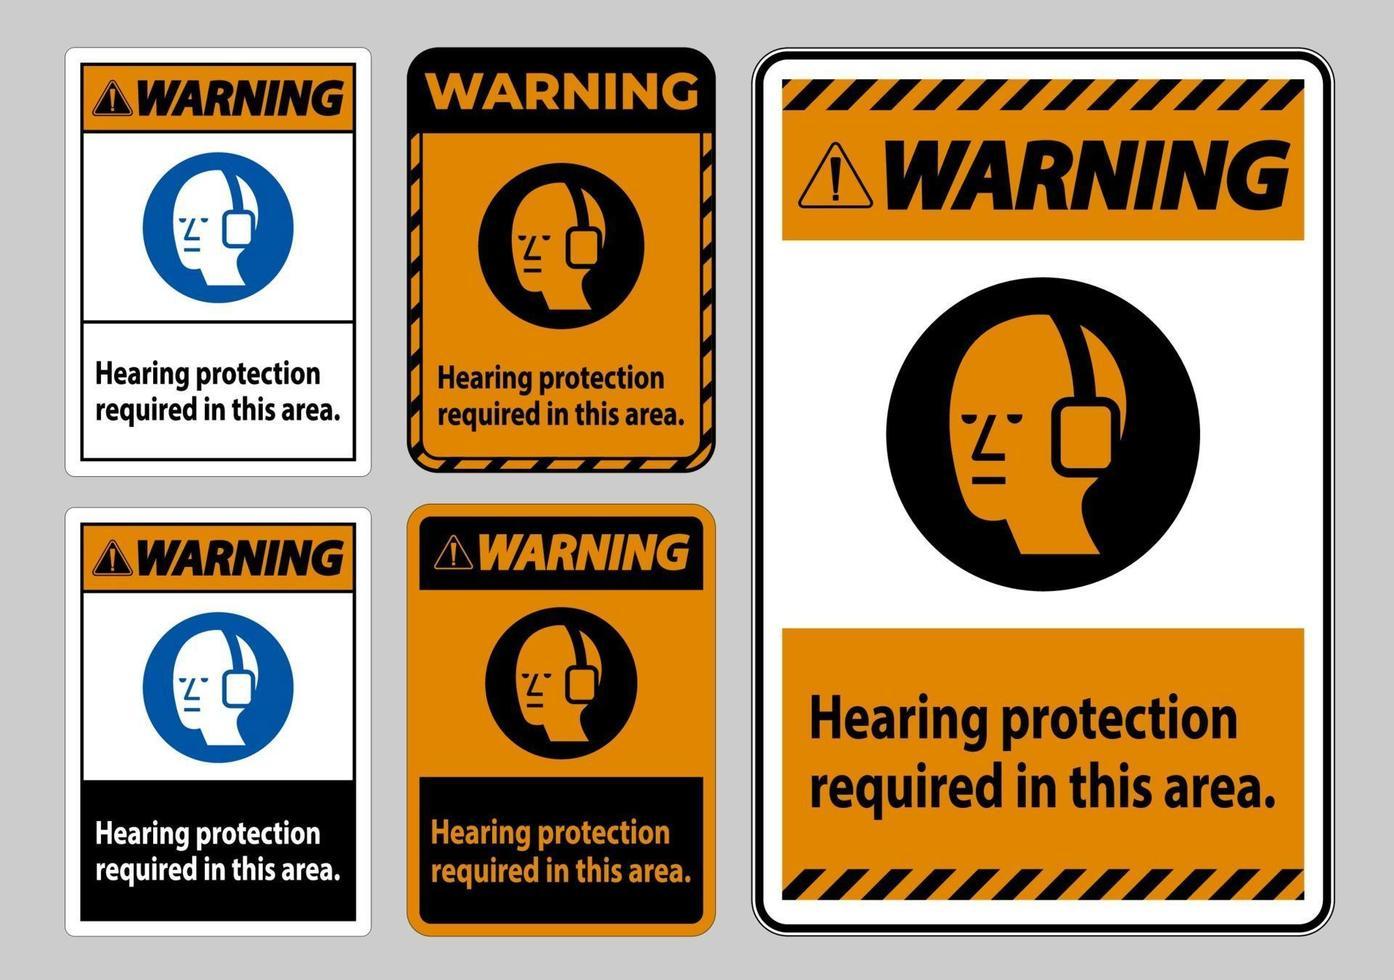 varning ppe tecken hörselskydd krävs i detta område med symbol vektor